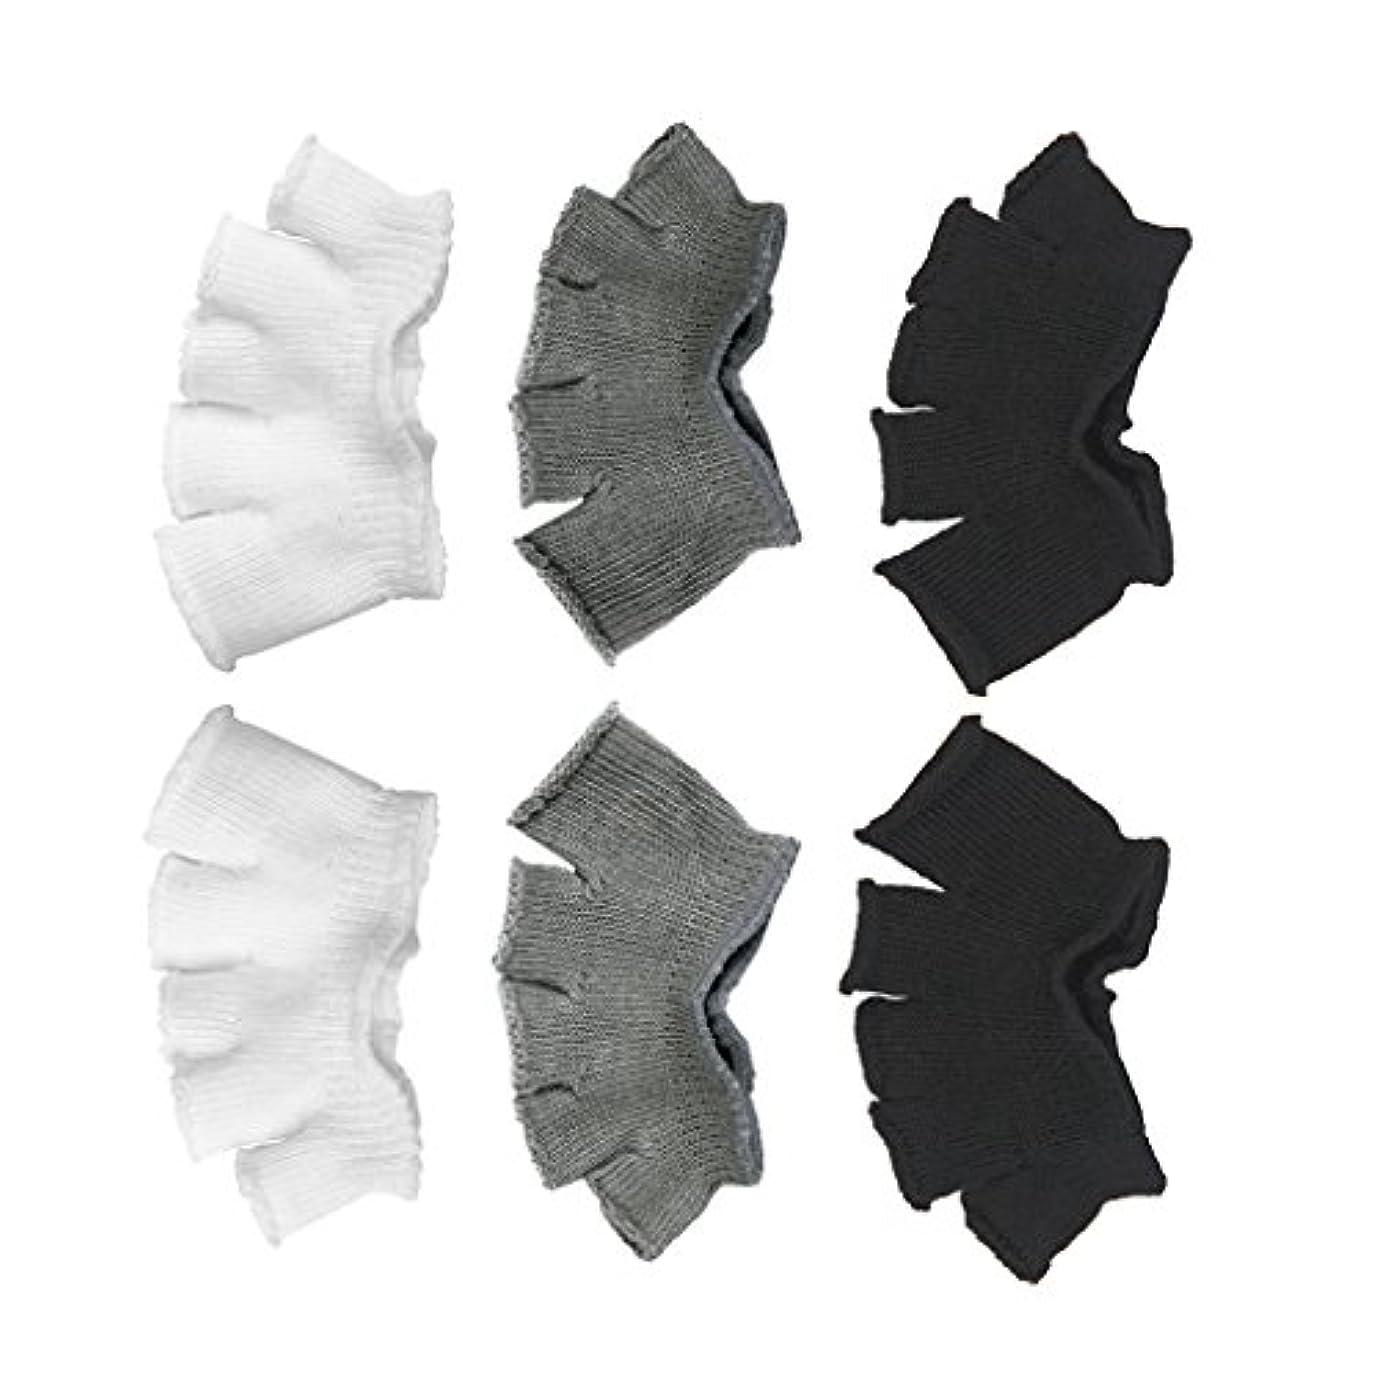 失態市の中心部等価Footful 5本指カバー 爽快指の間カバー 3色(12枚入) 6ペア 男女兼用 足の臭い対策 抗菌 防臭 フットカバー ブラック/ホワイト/グレー